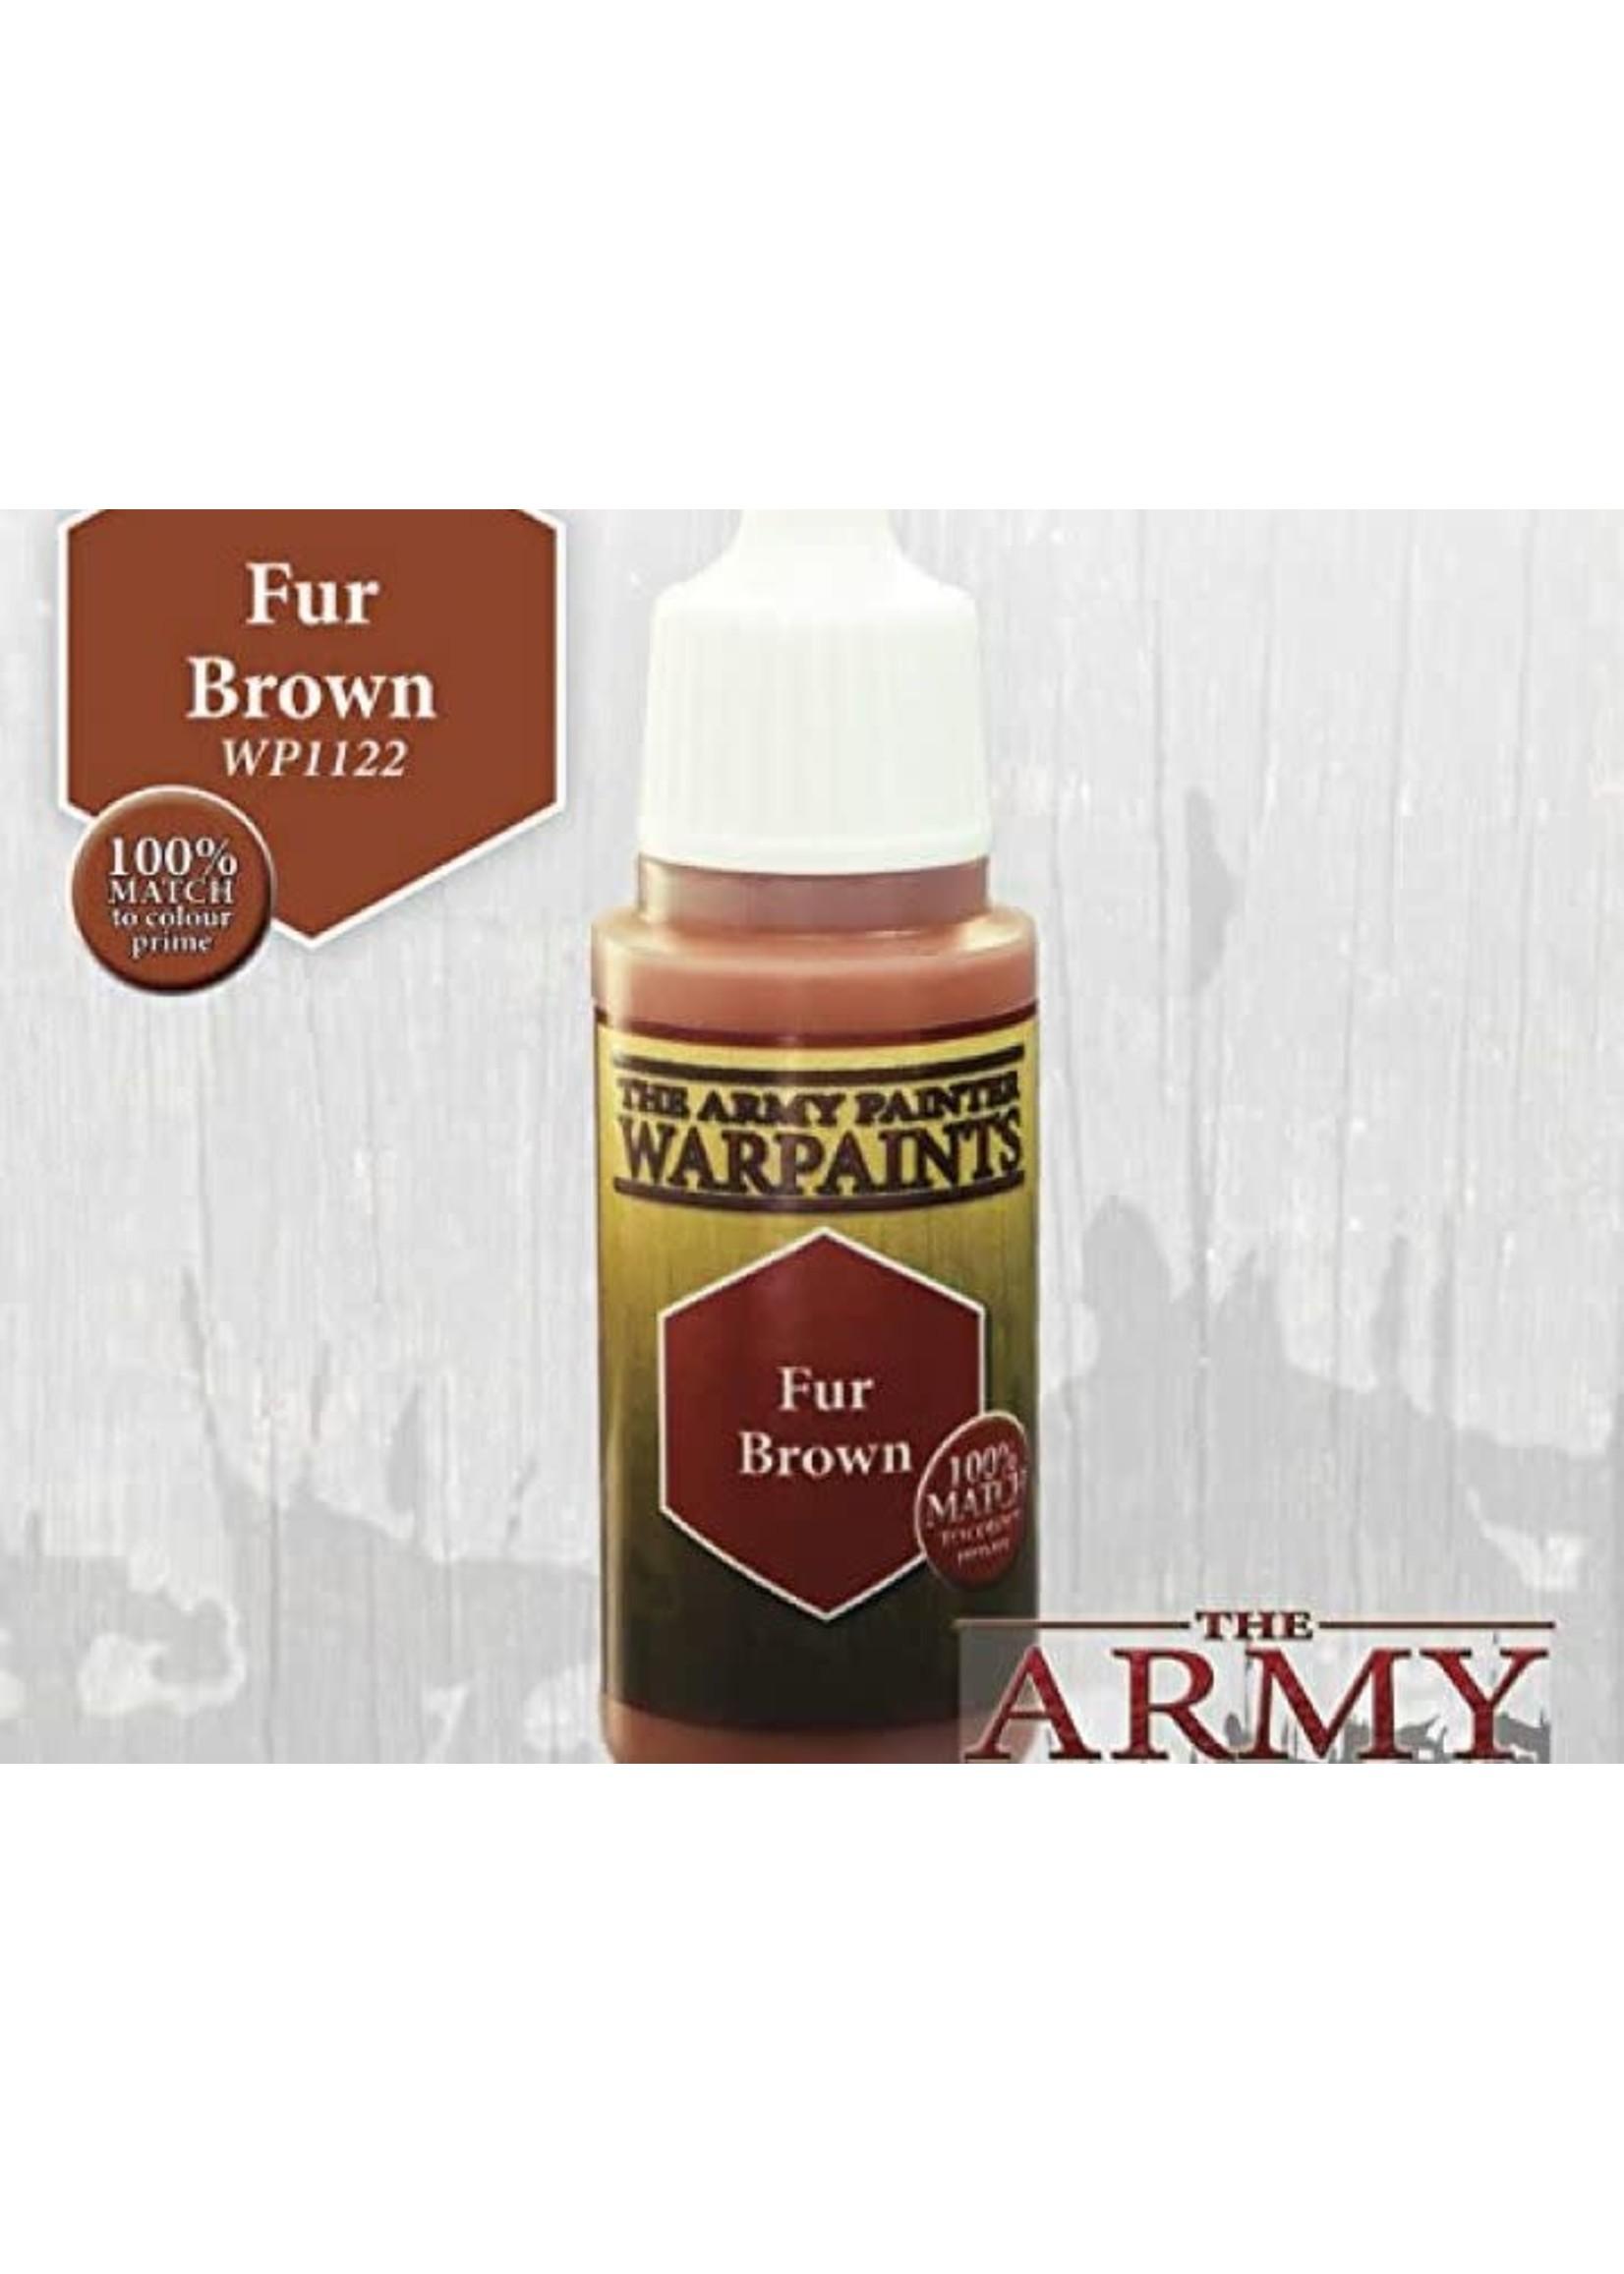 Army Painter Warpaints - Fur Brown